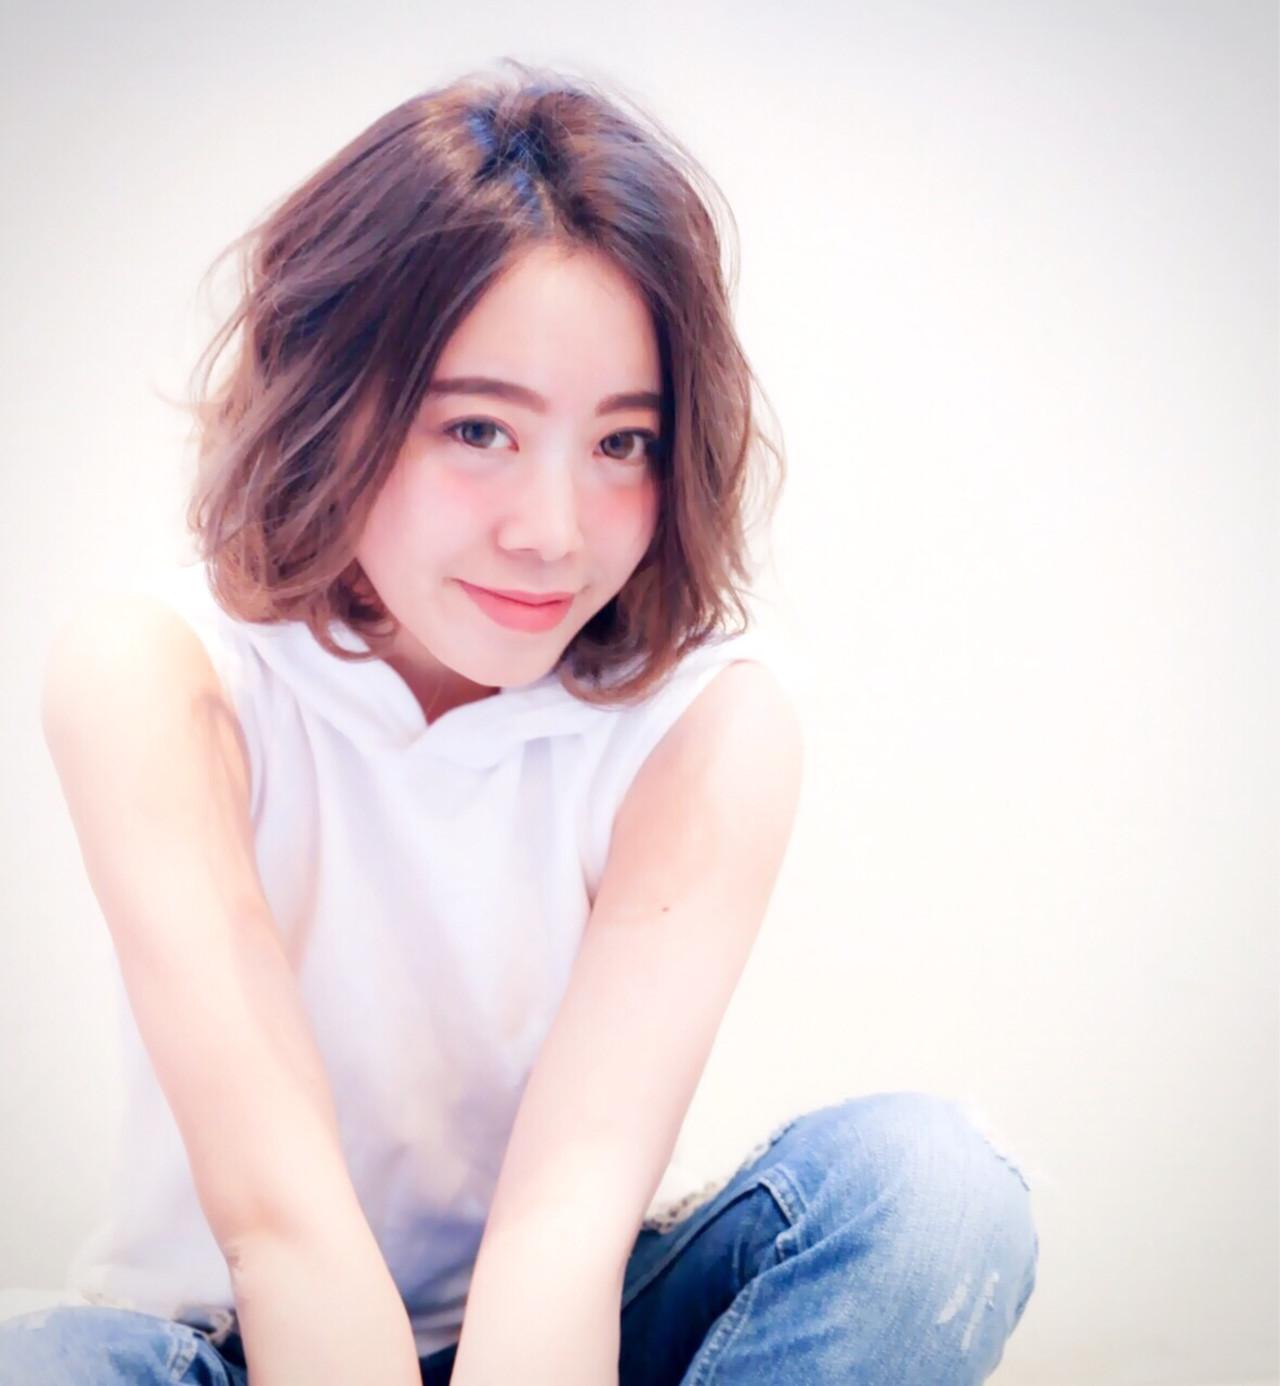 パーマ 大人かわいい 暗髪 グラデーションカラー ヘアスタイルや髪型の写真・画像 | 長岡 紗和子 /